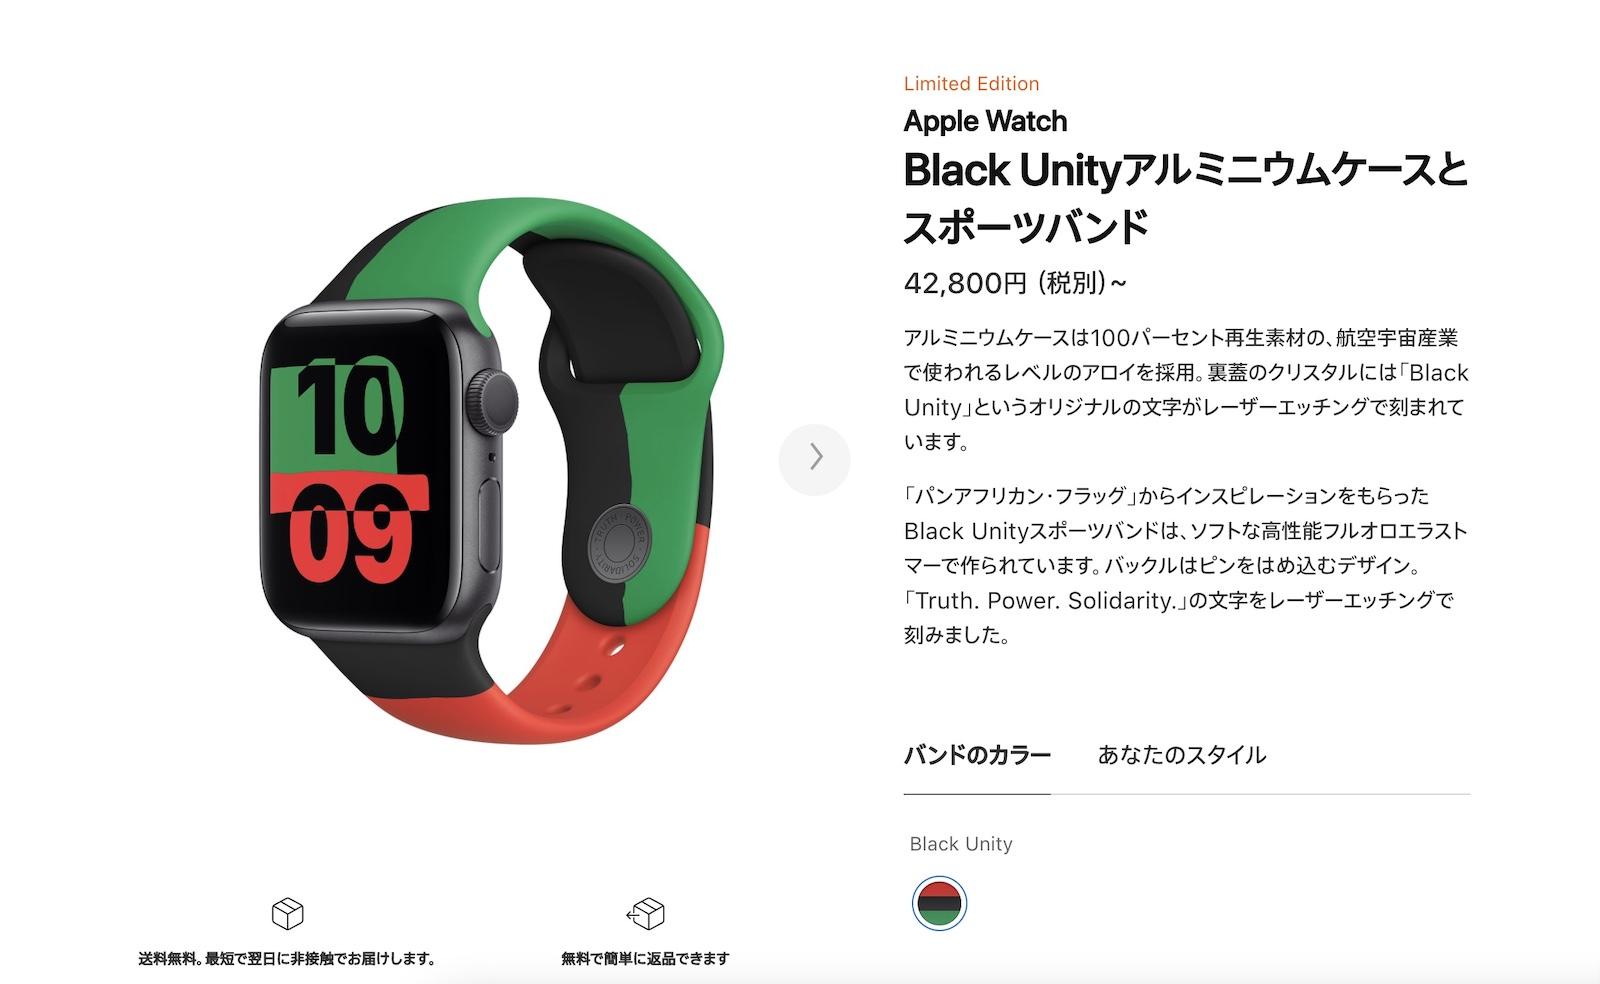 Apple watch black unity model